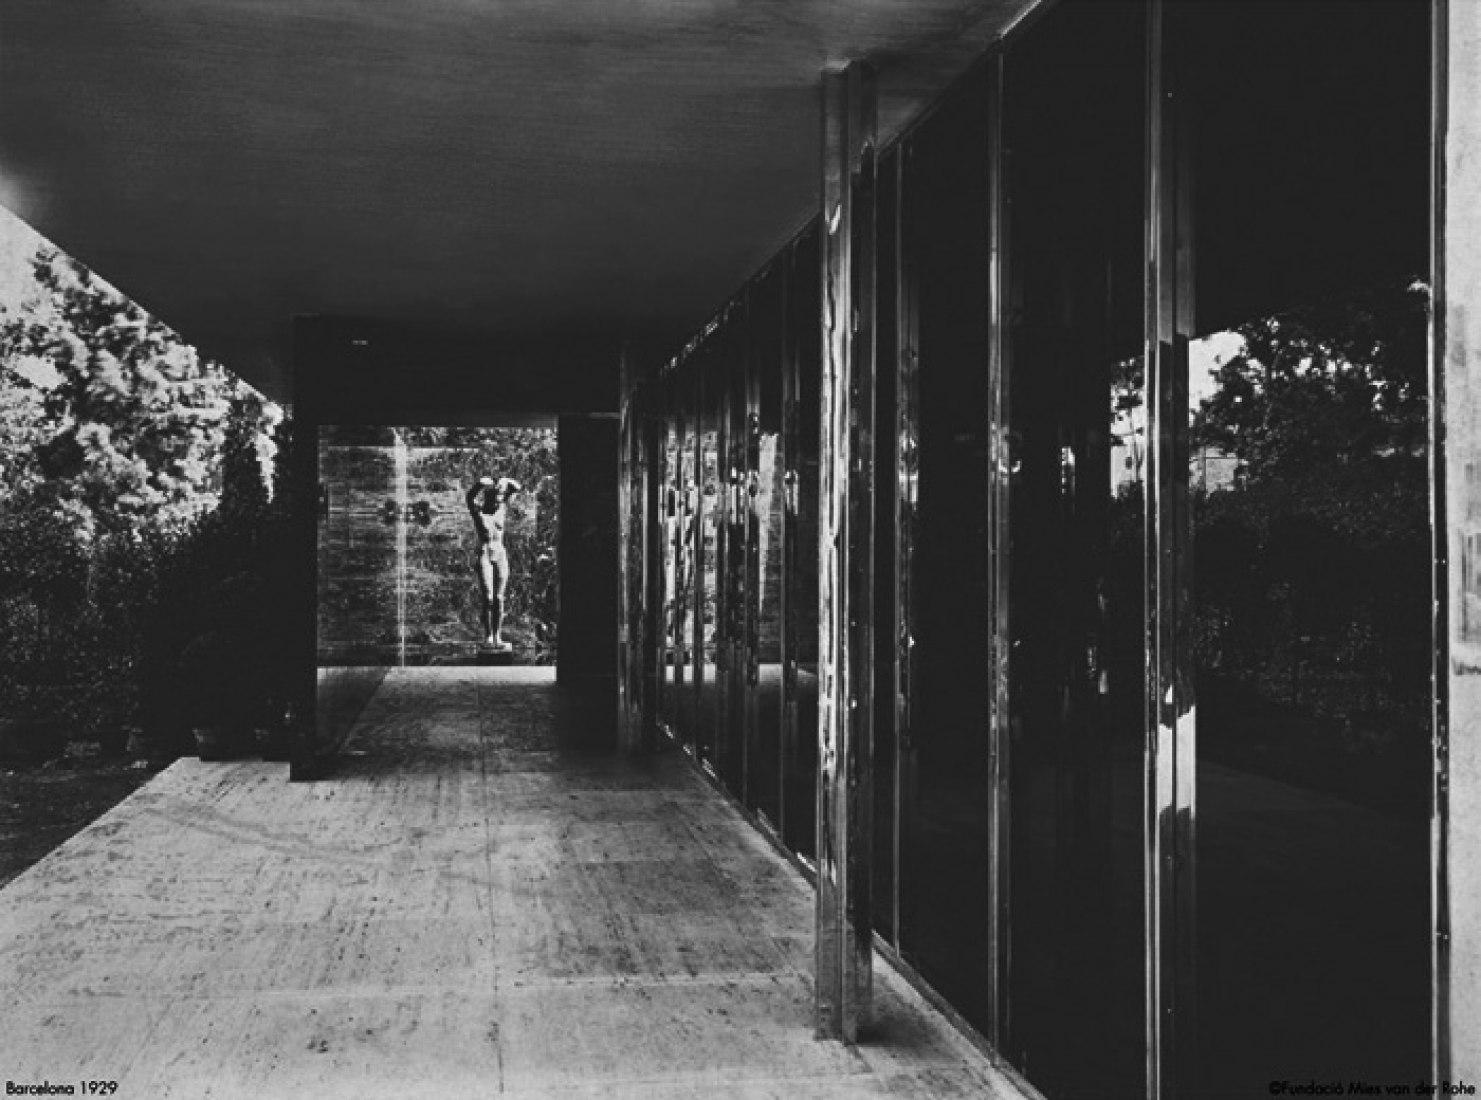 El Pabellón de Mies sin Puertas 1929.  Fotografía © Fundación Mies.